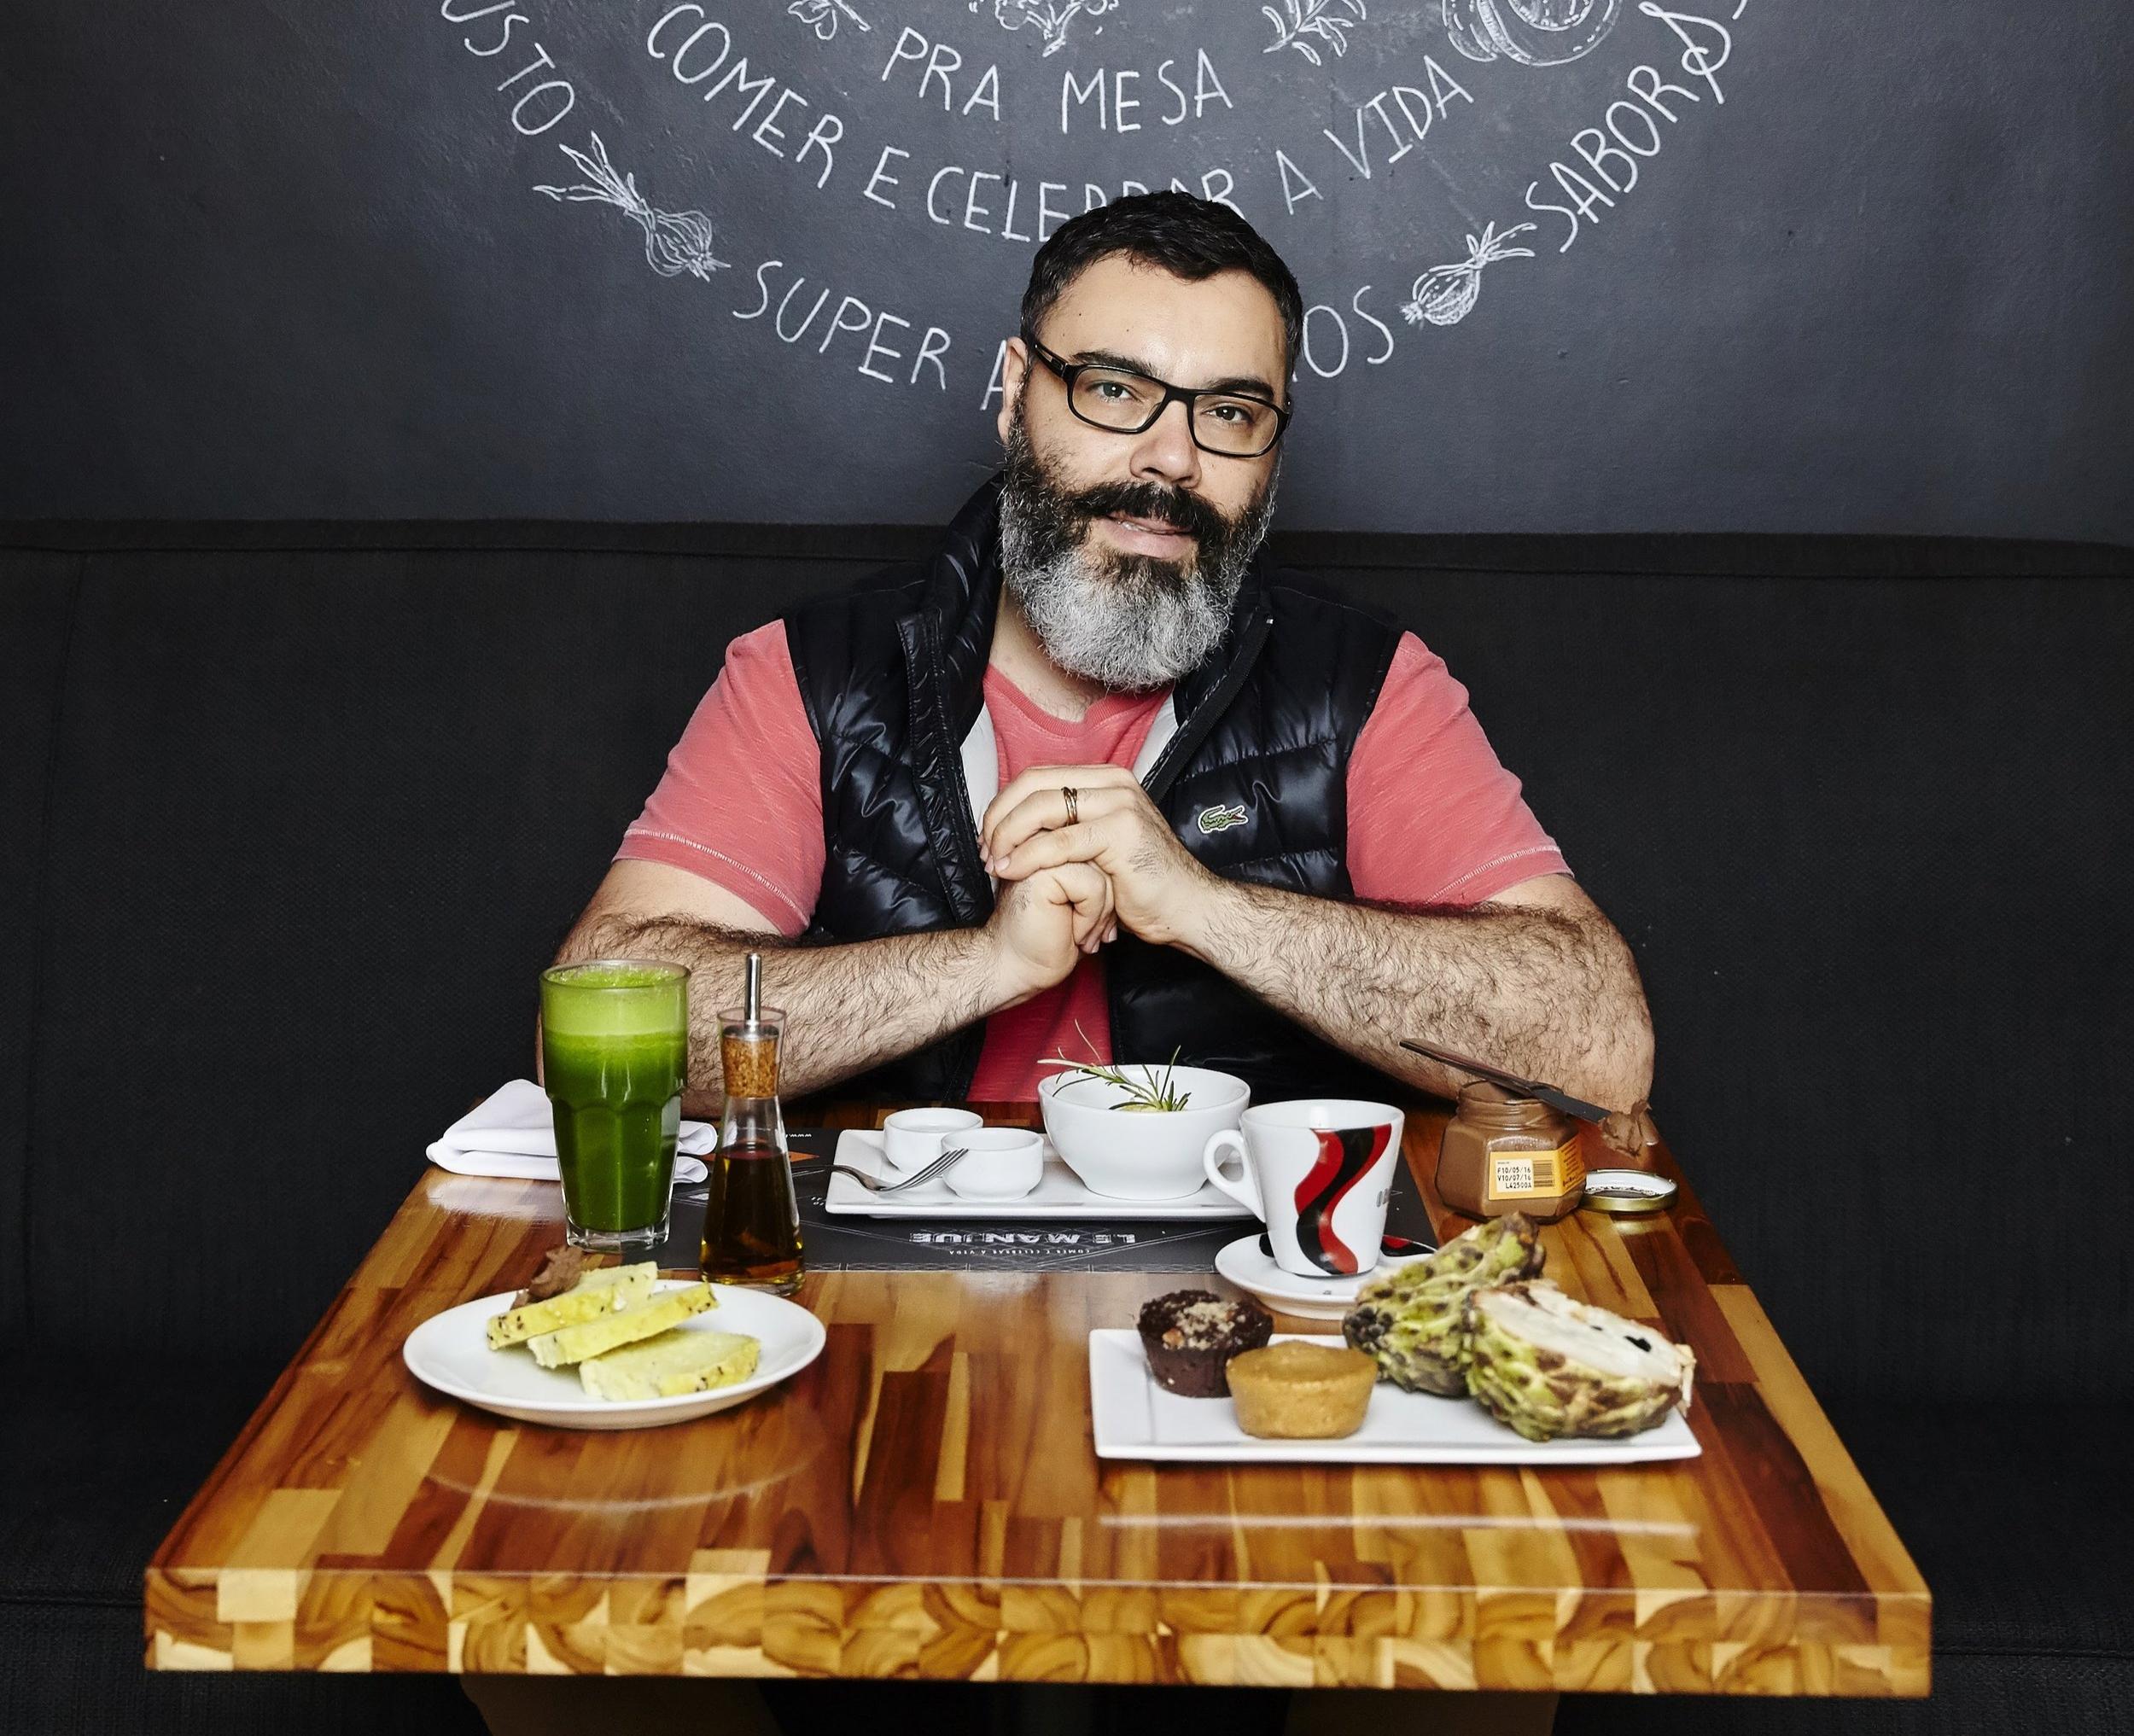 Chef Renato Caleffi